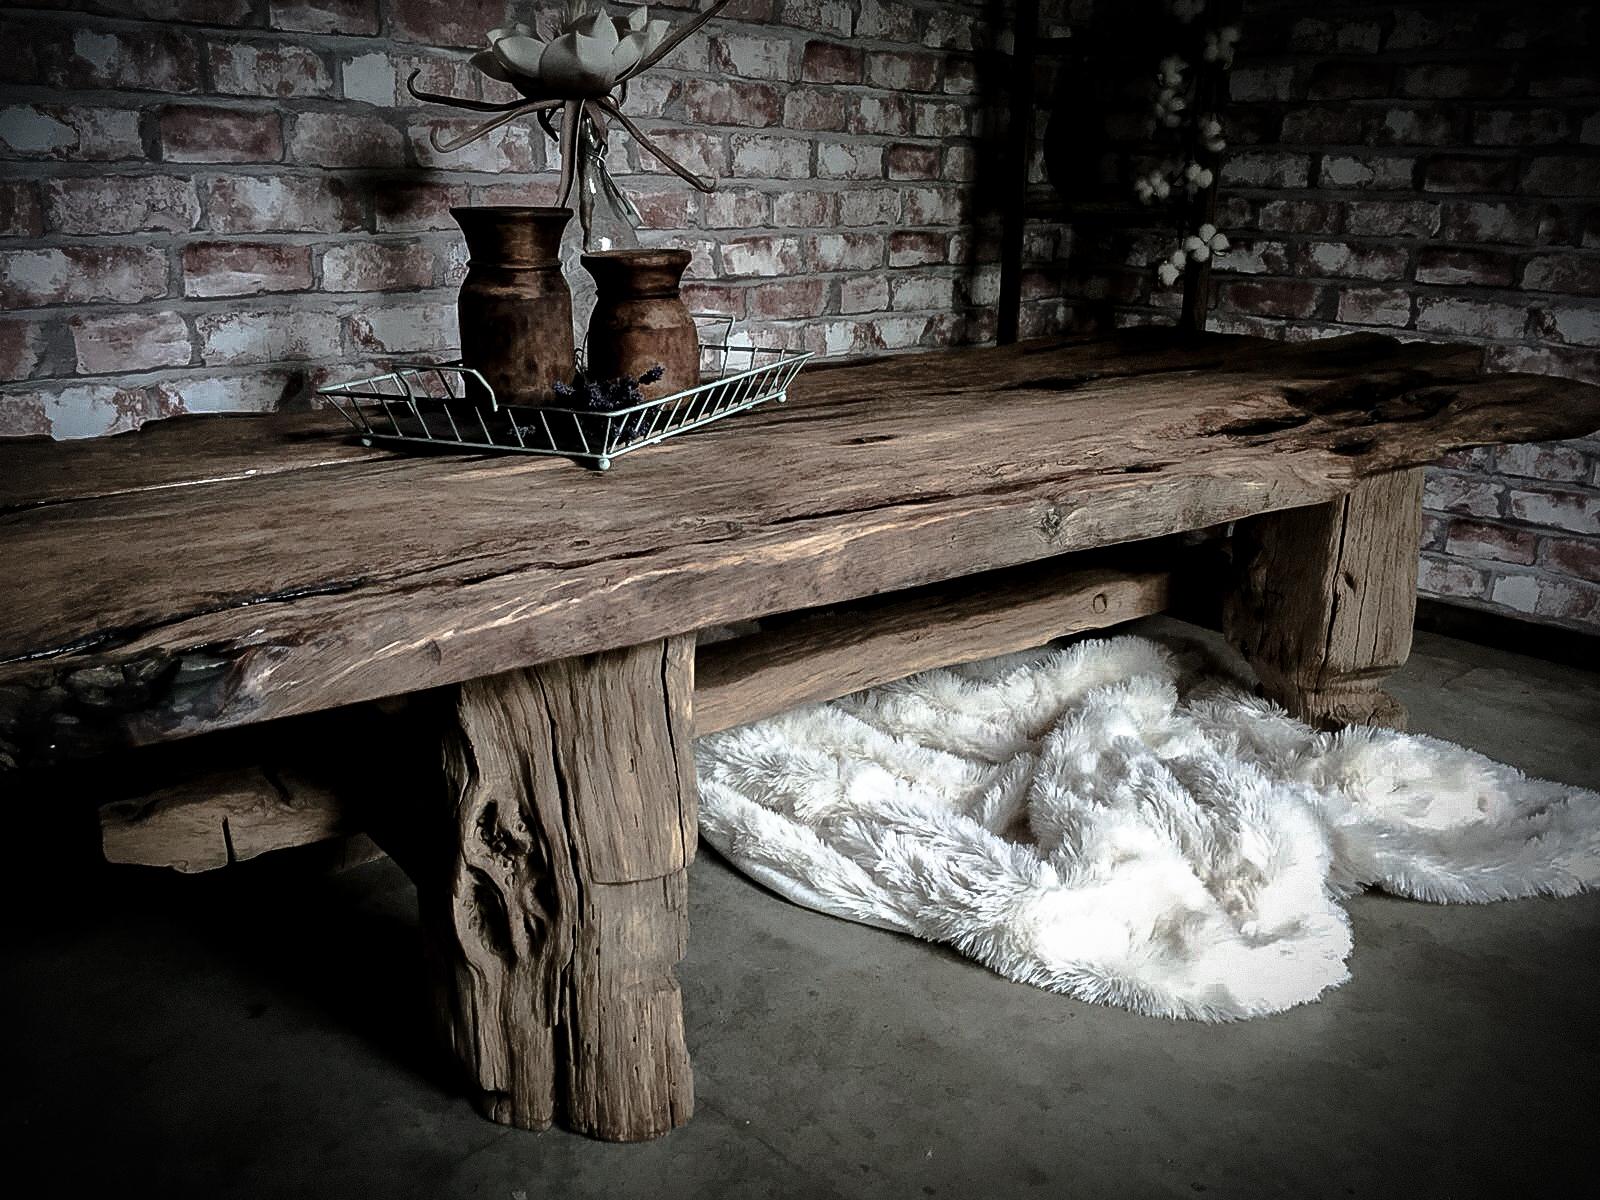 oud eiken salontafel op ambachtelijk vervaardigd